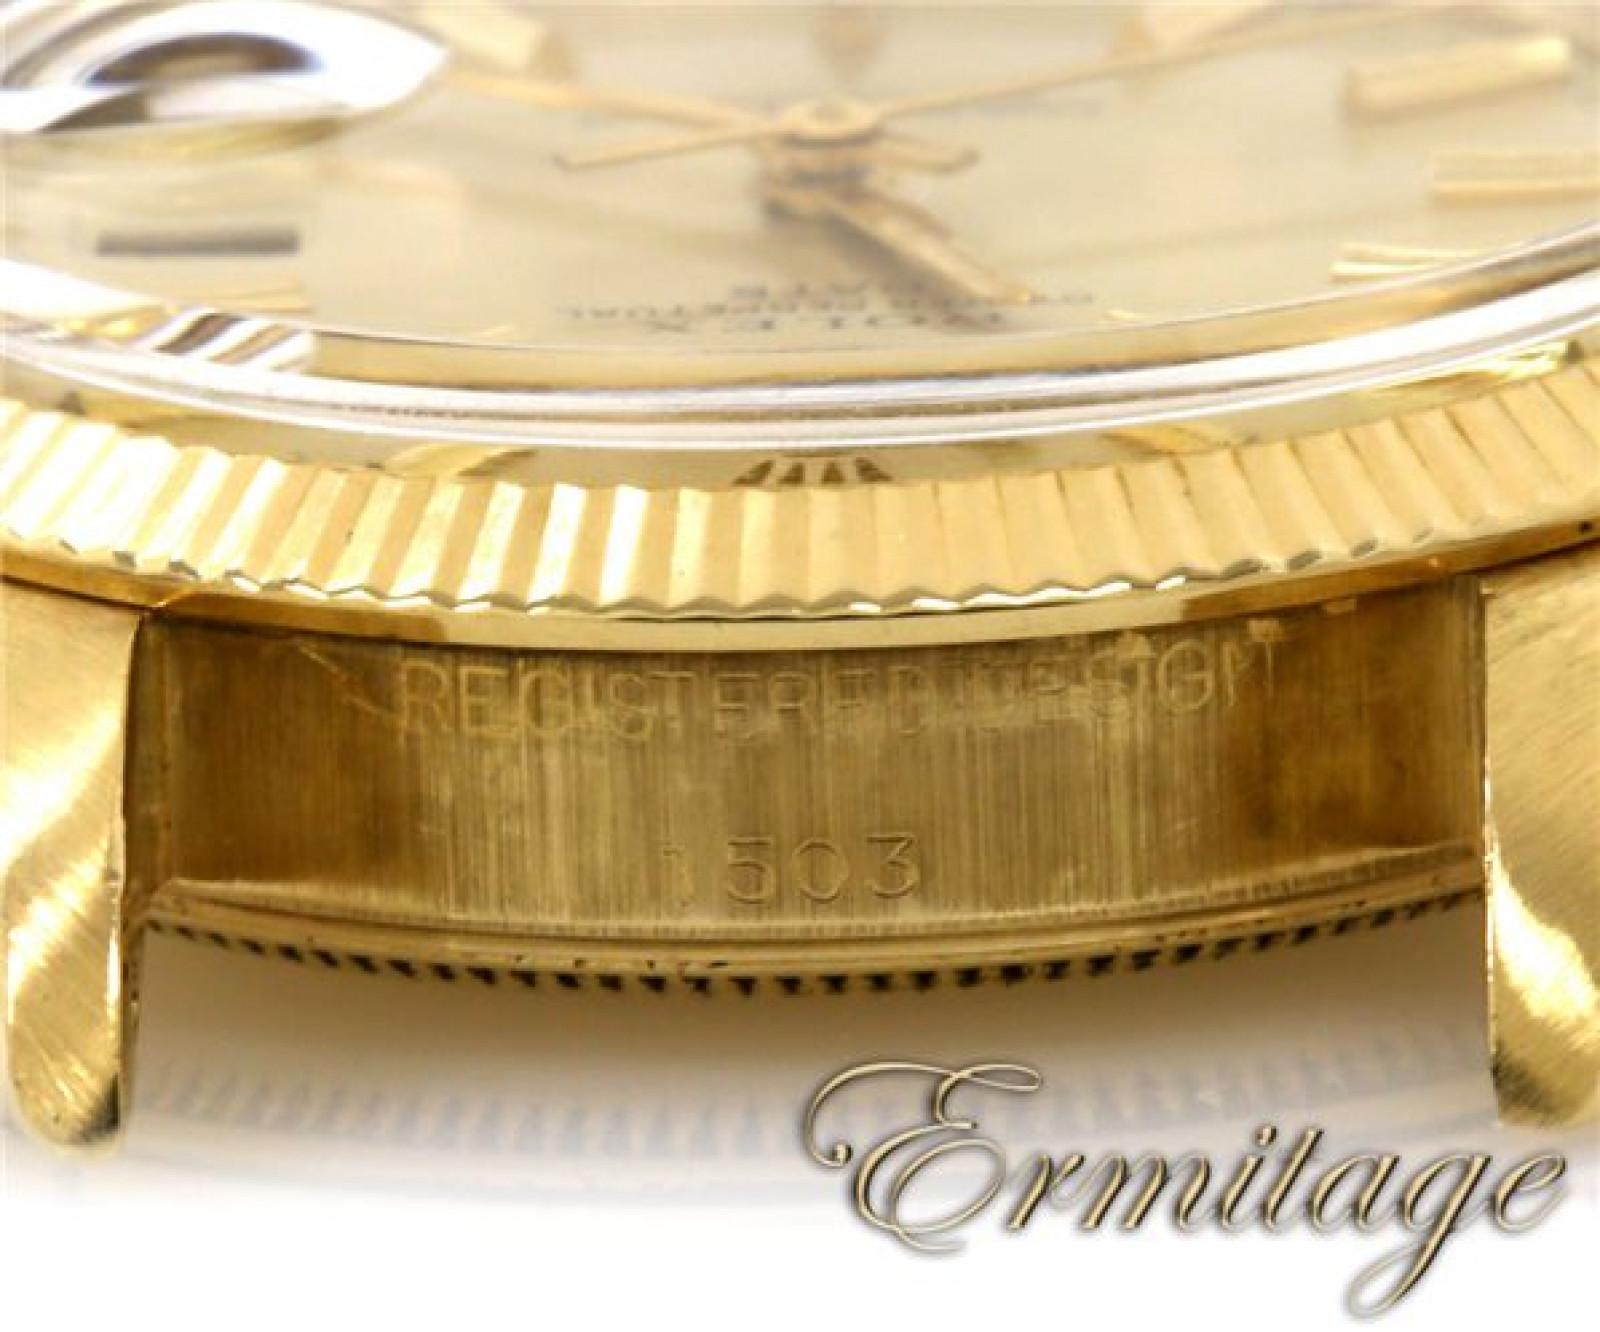 Rolex Date Ref. 1503